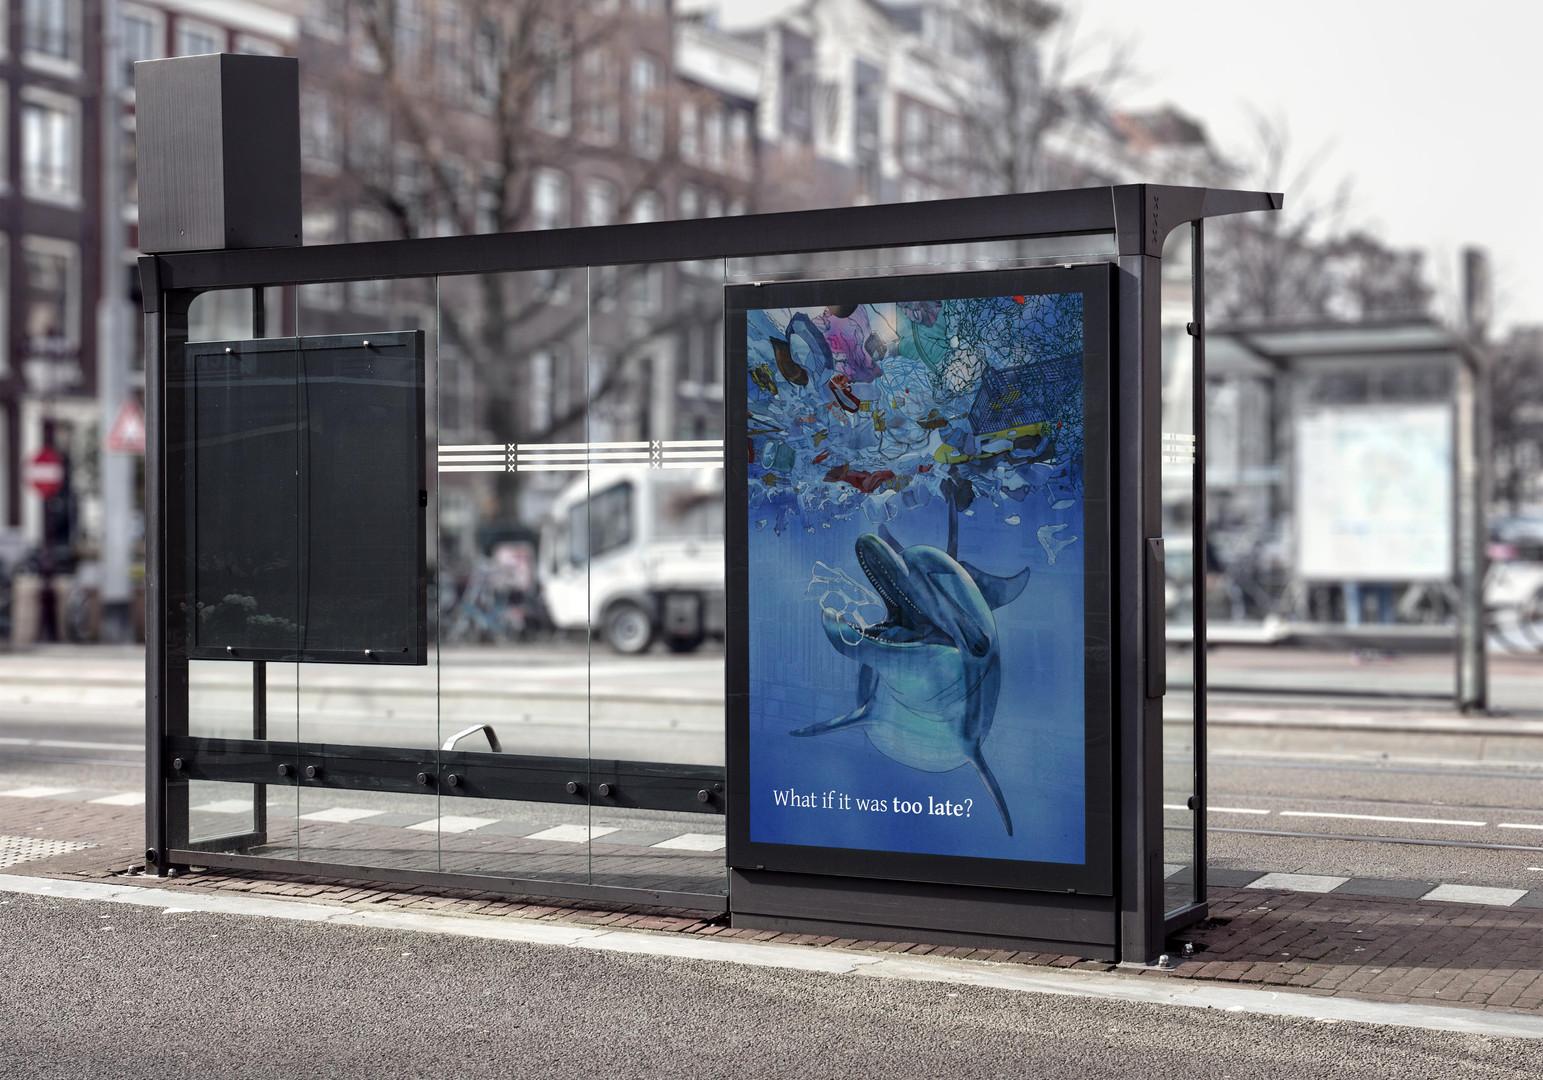 Bus Stop Billboard dolphin.jpg